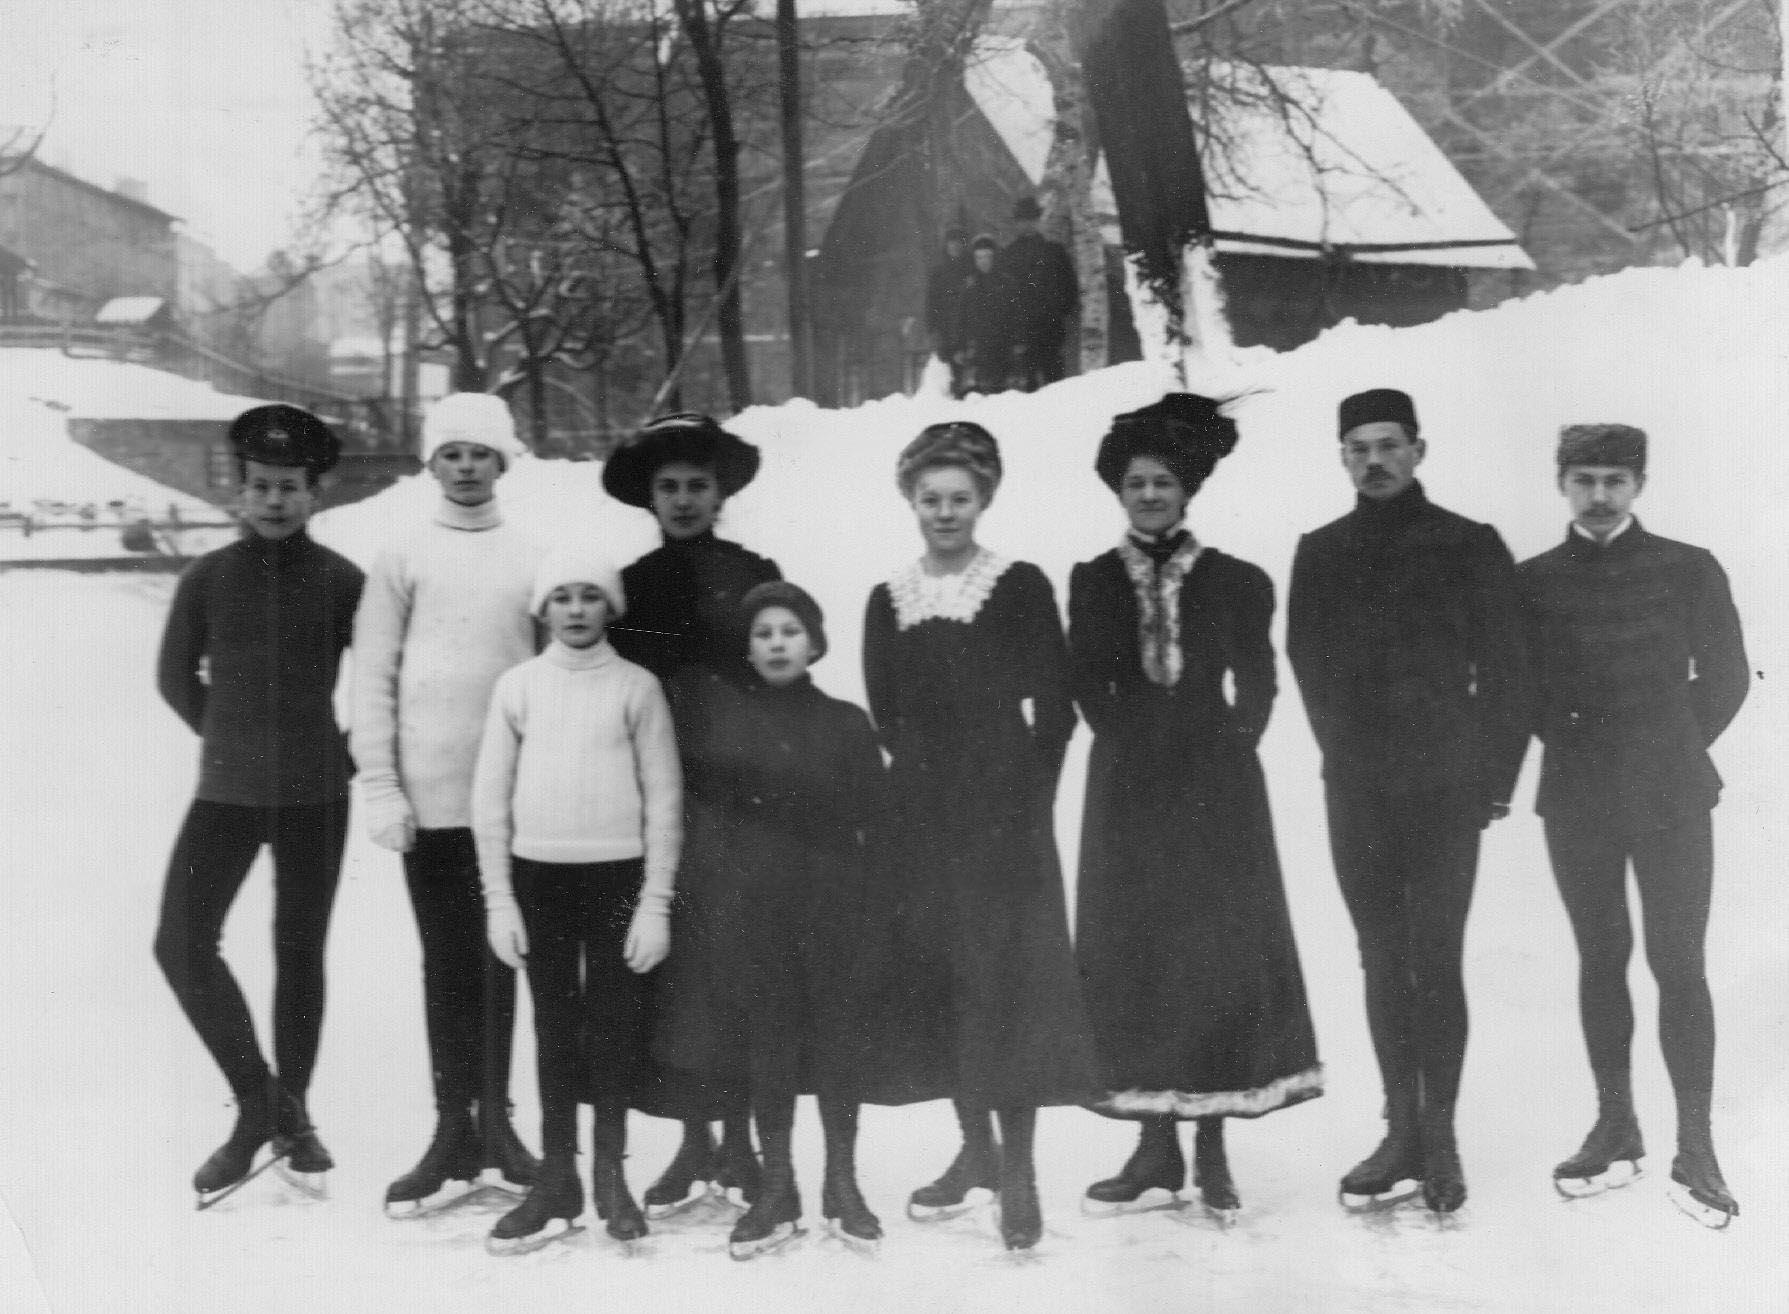 Группа конькобежцев на ледяном поле; 2-й справа - Н.В.Струнников. 1913